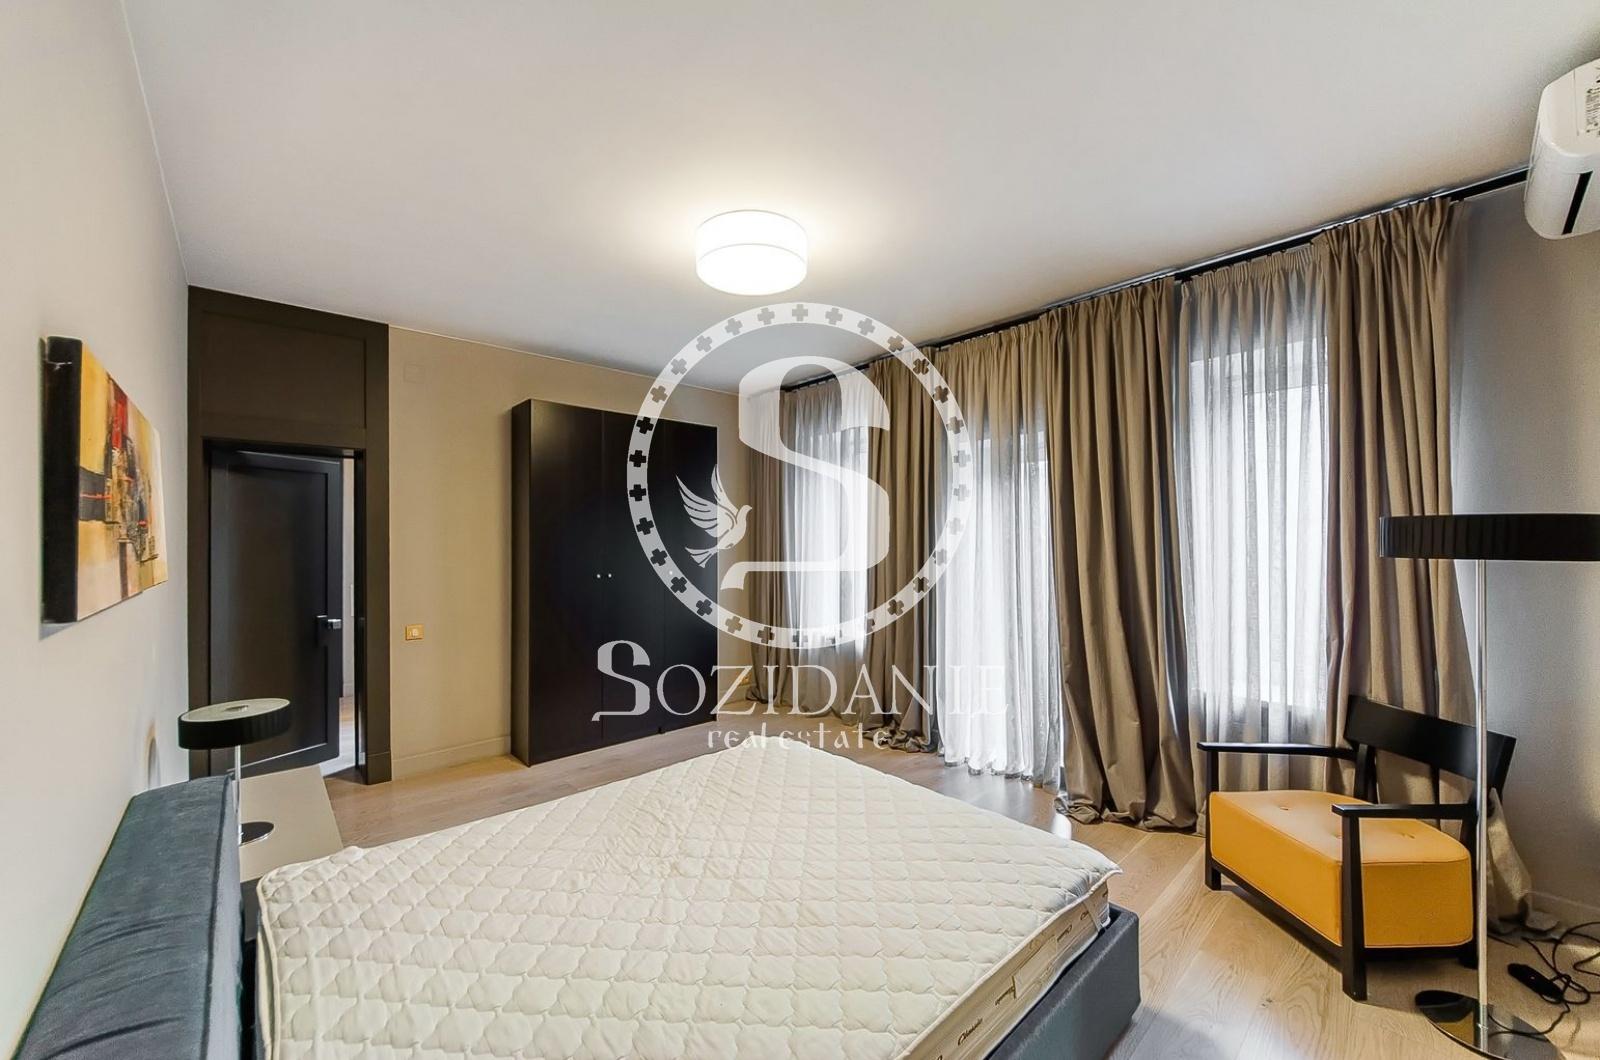 4 Bedrooms, Загородная, Продажа, Listing ID 1565, Московская область, Россия,